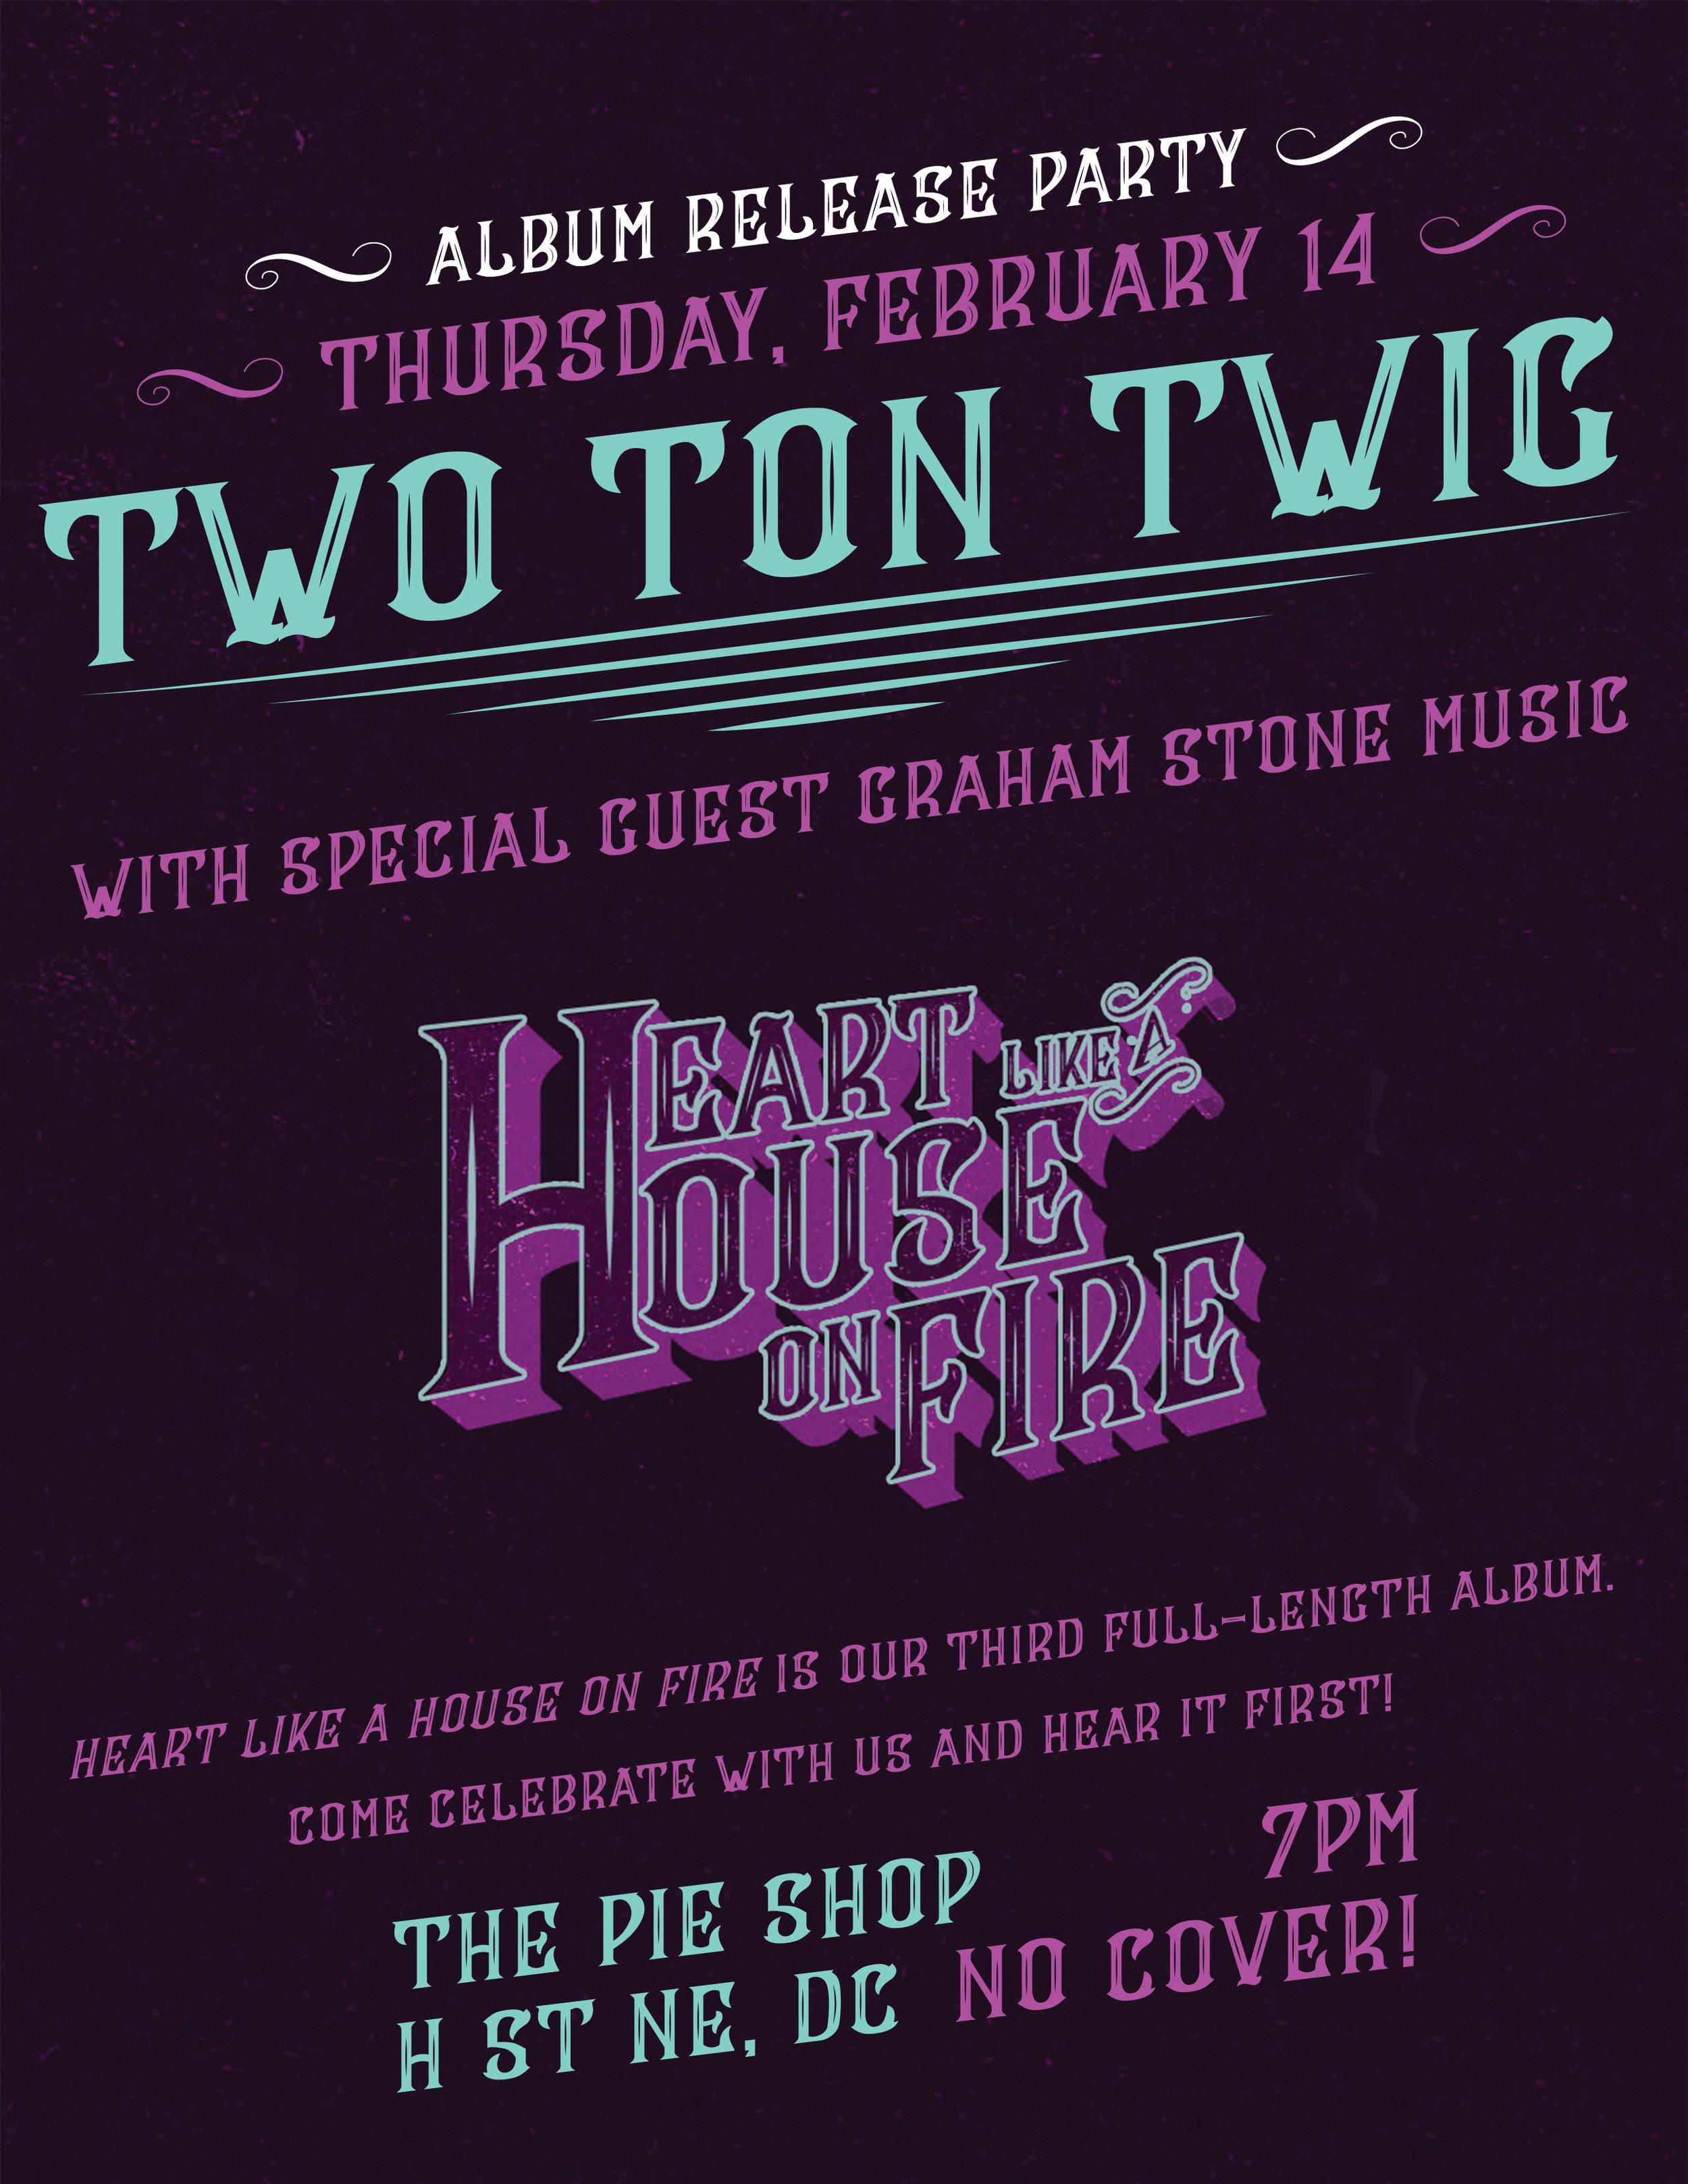 heart poster 3.jpg